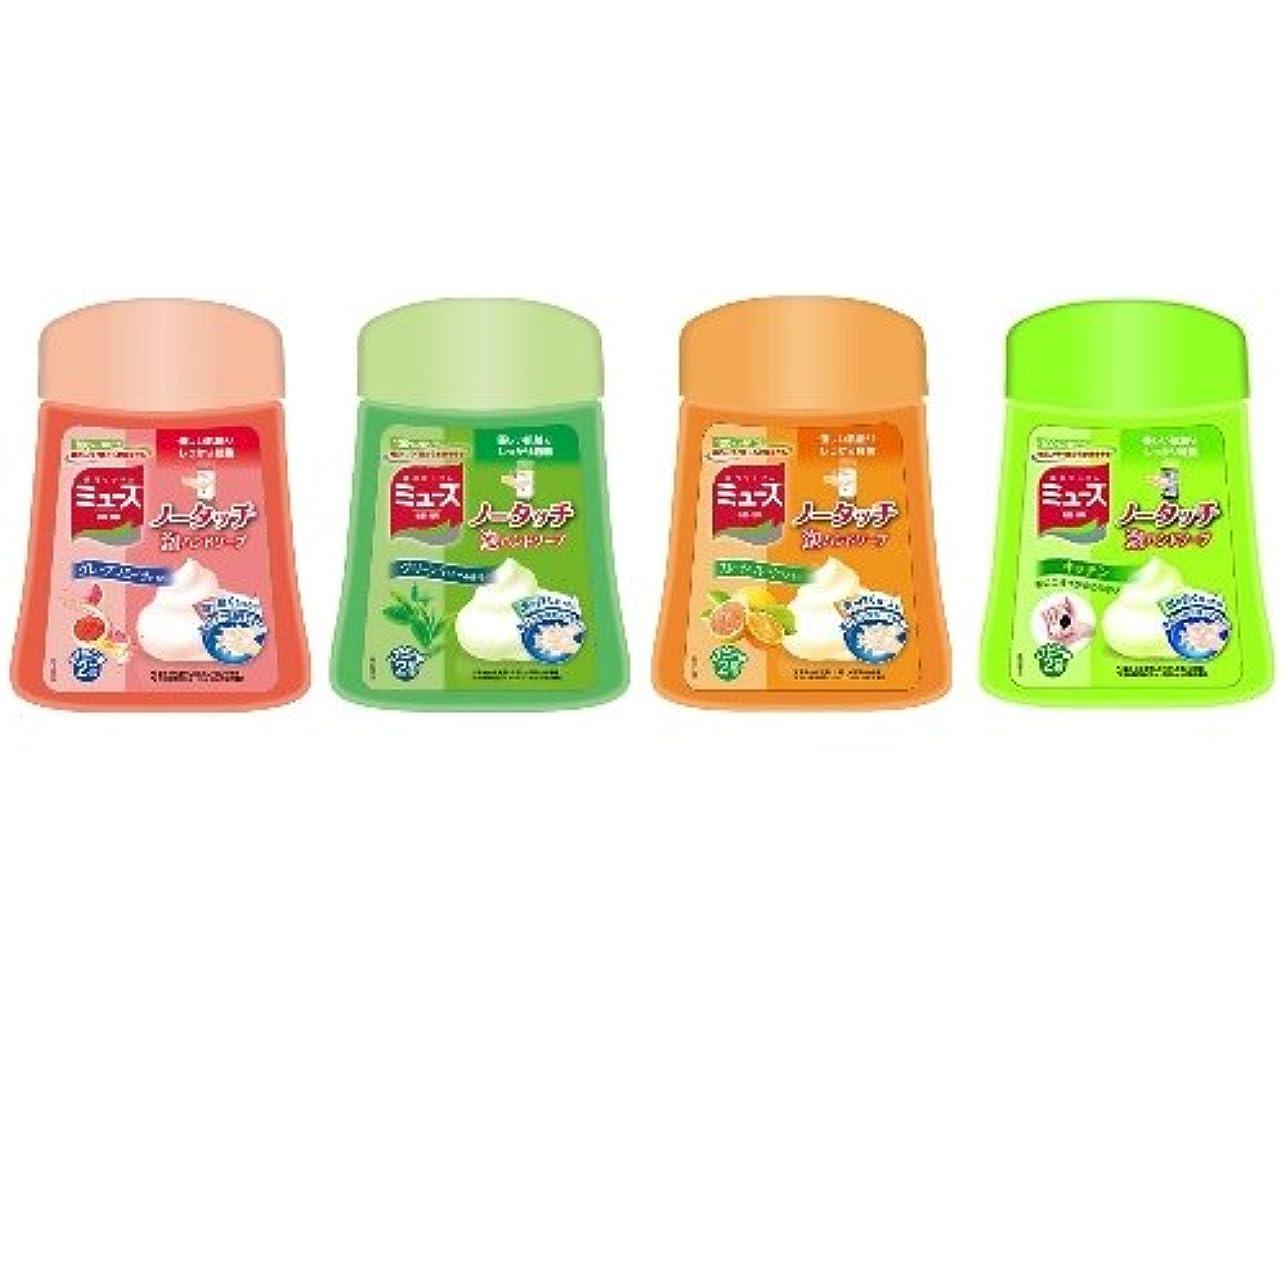 懐回転問題ミューズ ノータッチ 泡ハンドソープ 詰替え 4種の色と香りボトル 250ml×4個 薬用ハンドソープ 手洗い 殺菌 消毒